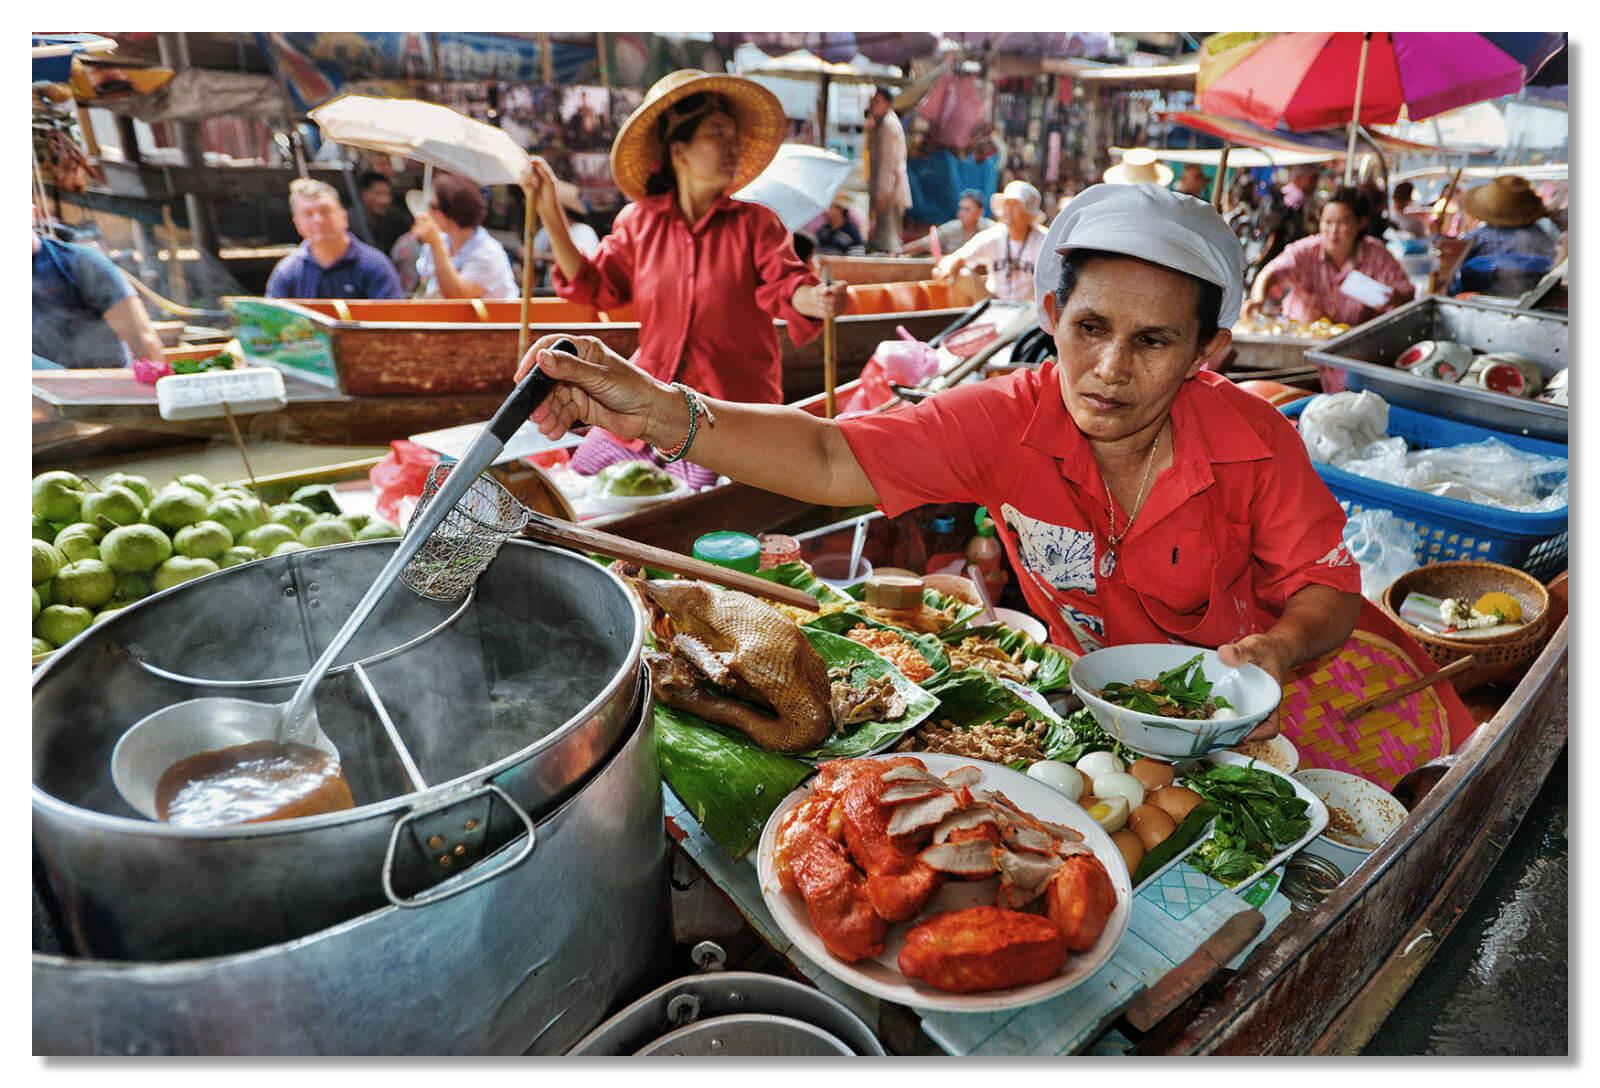 В Таиланде принято питаться на улице